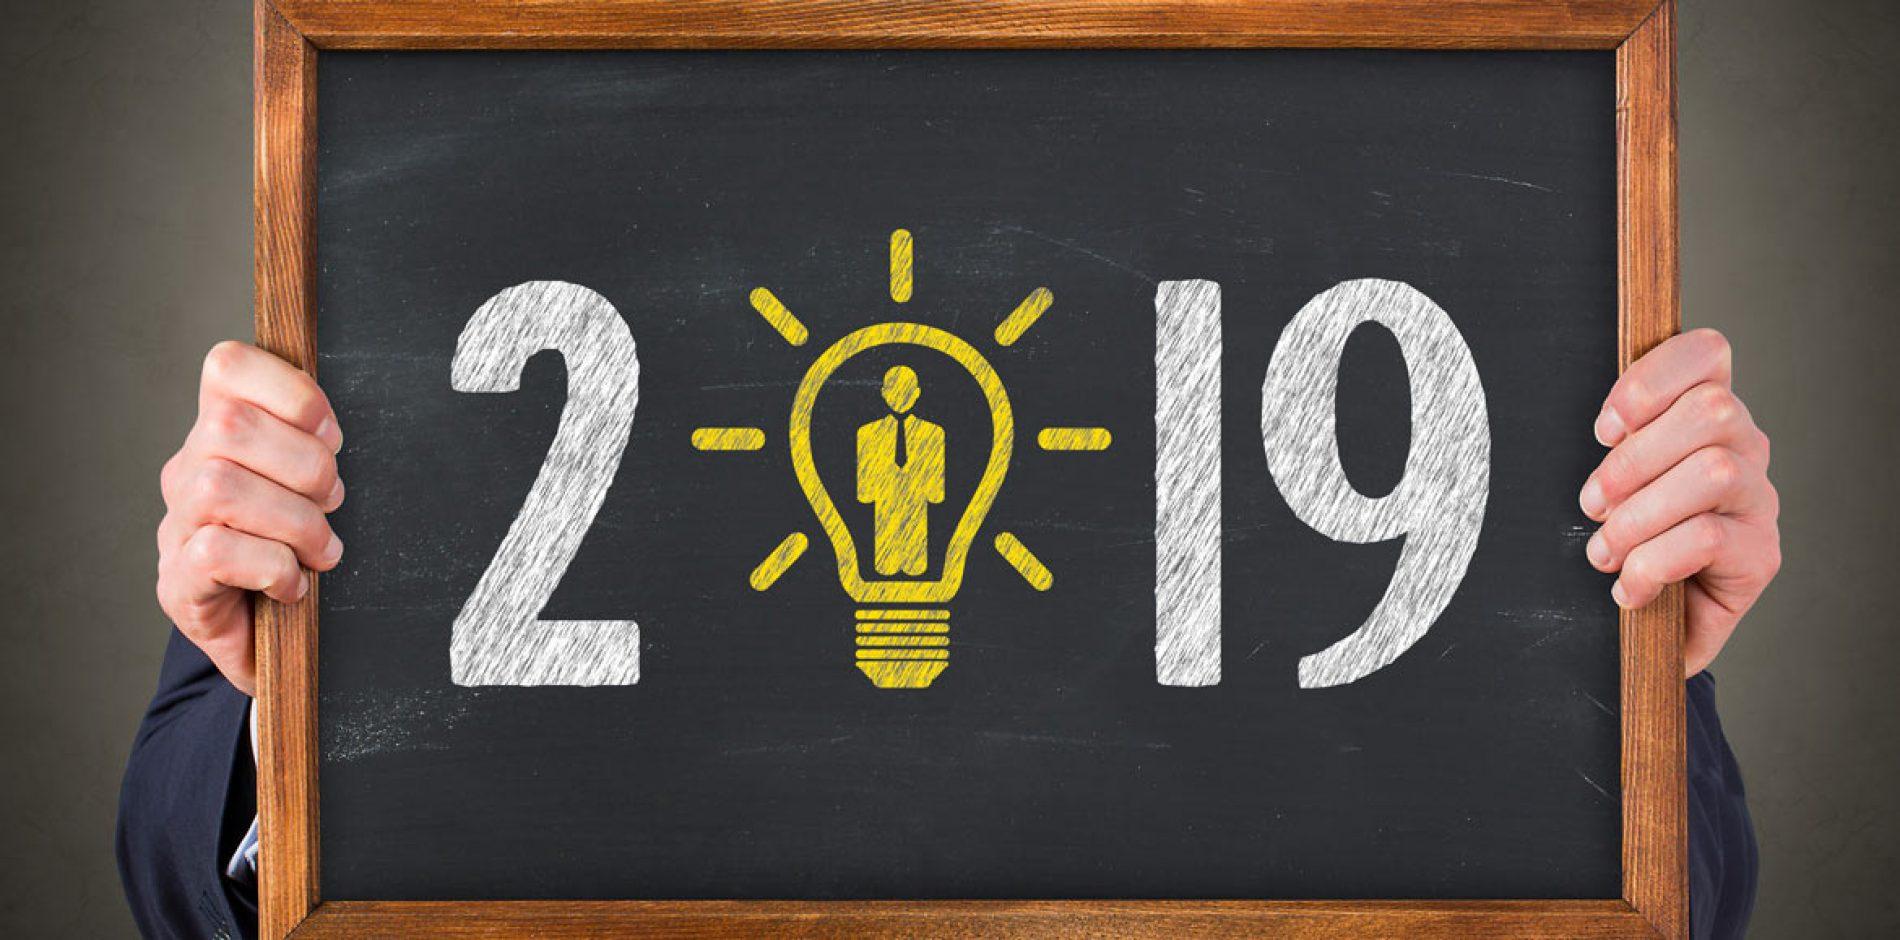 Gli ulteriori incentivi per le assunzioni in vigore dal 2019 [E.Massi]